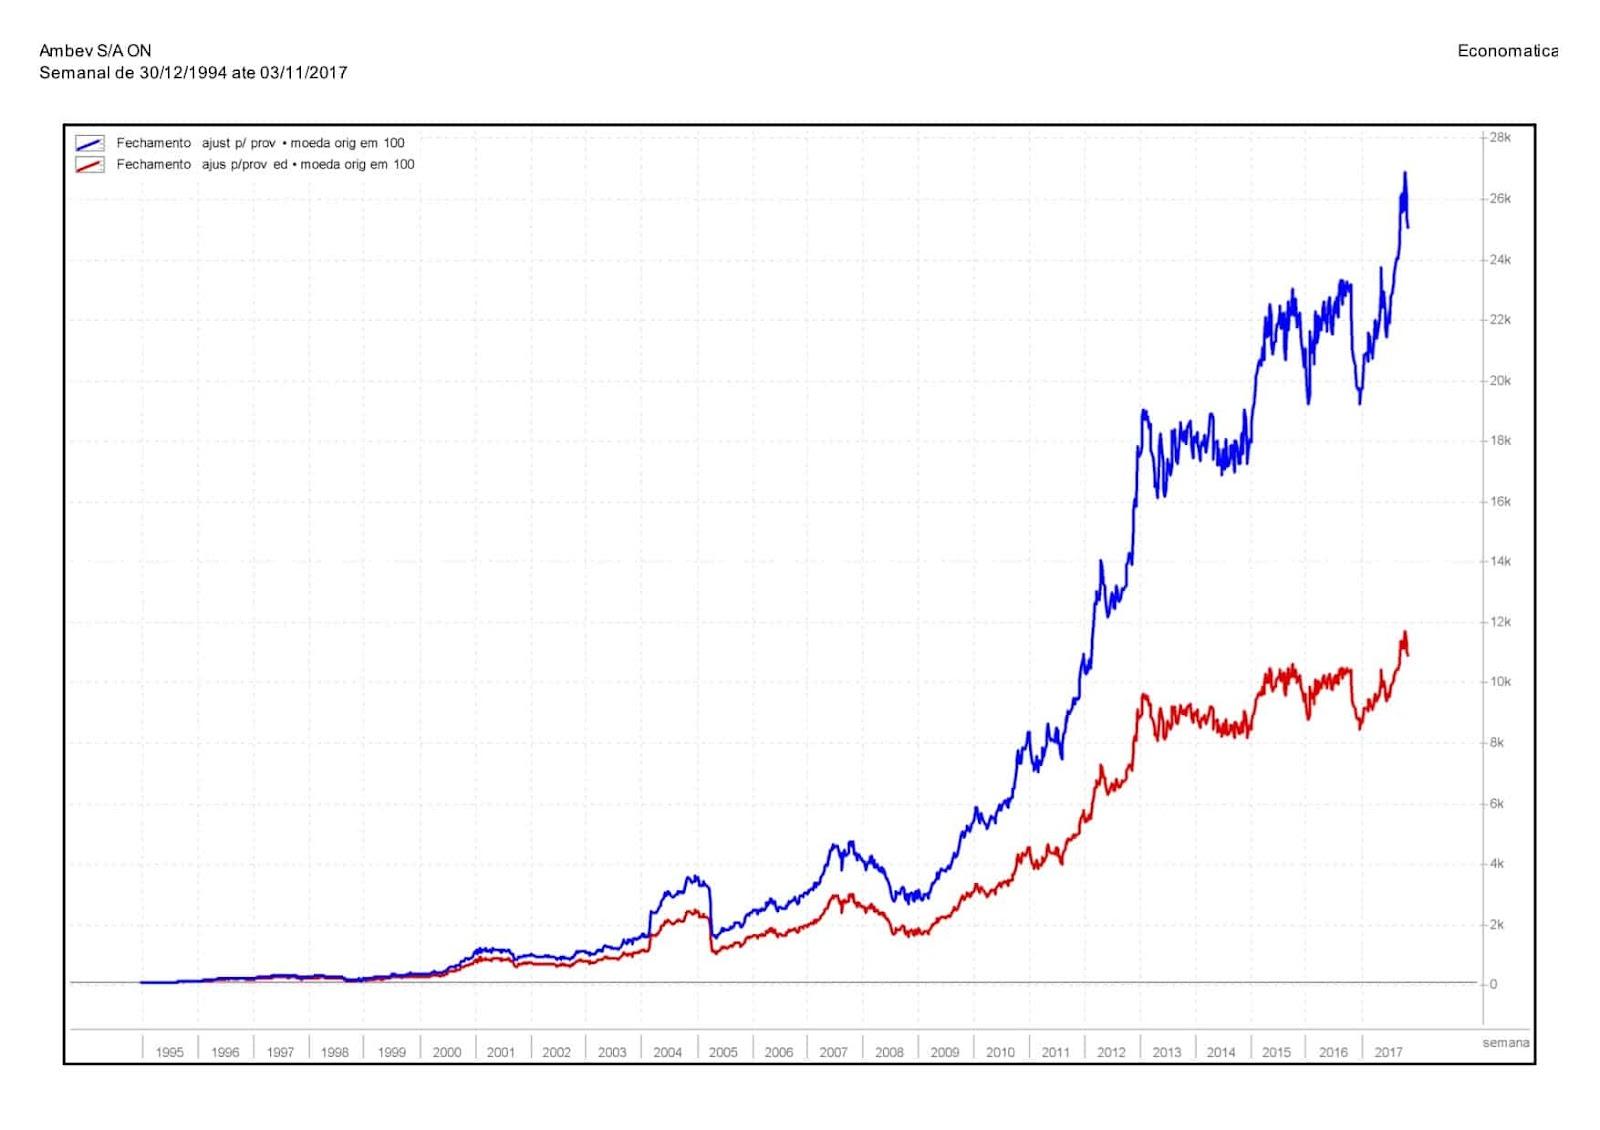 carteira com dividend yield vs carteira sem dividendo